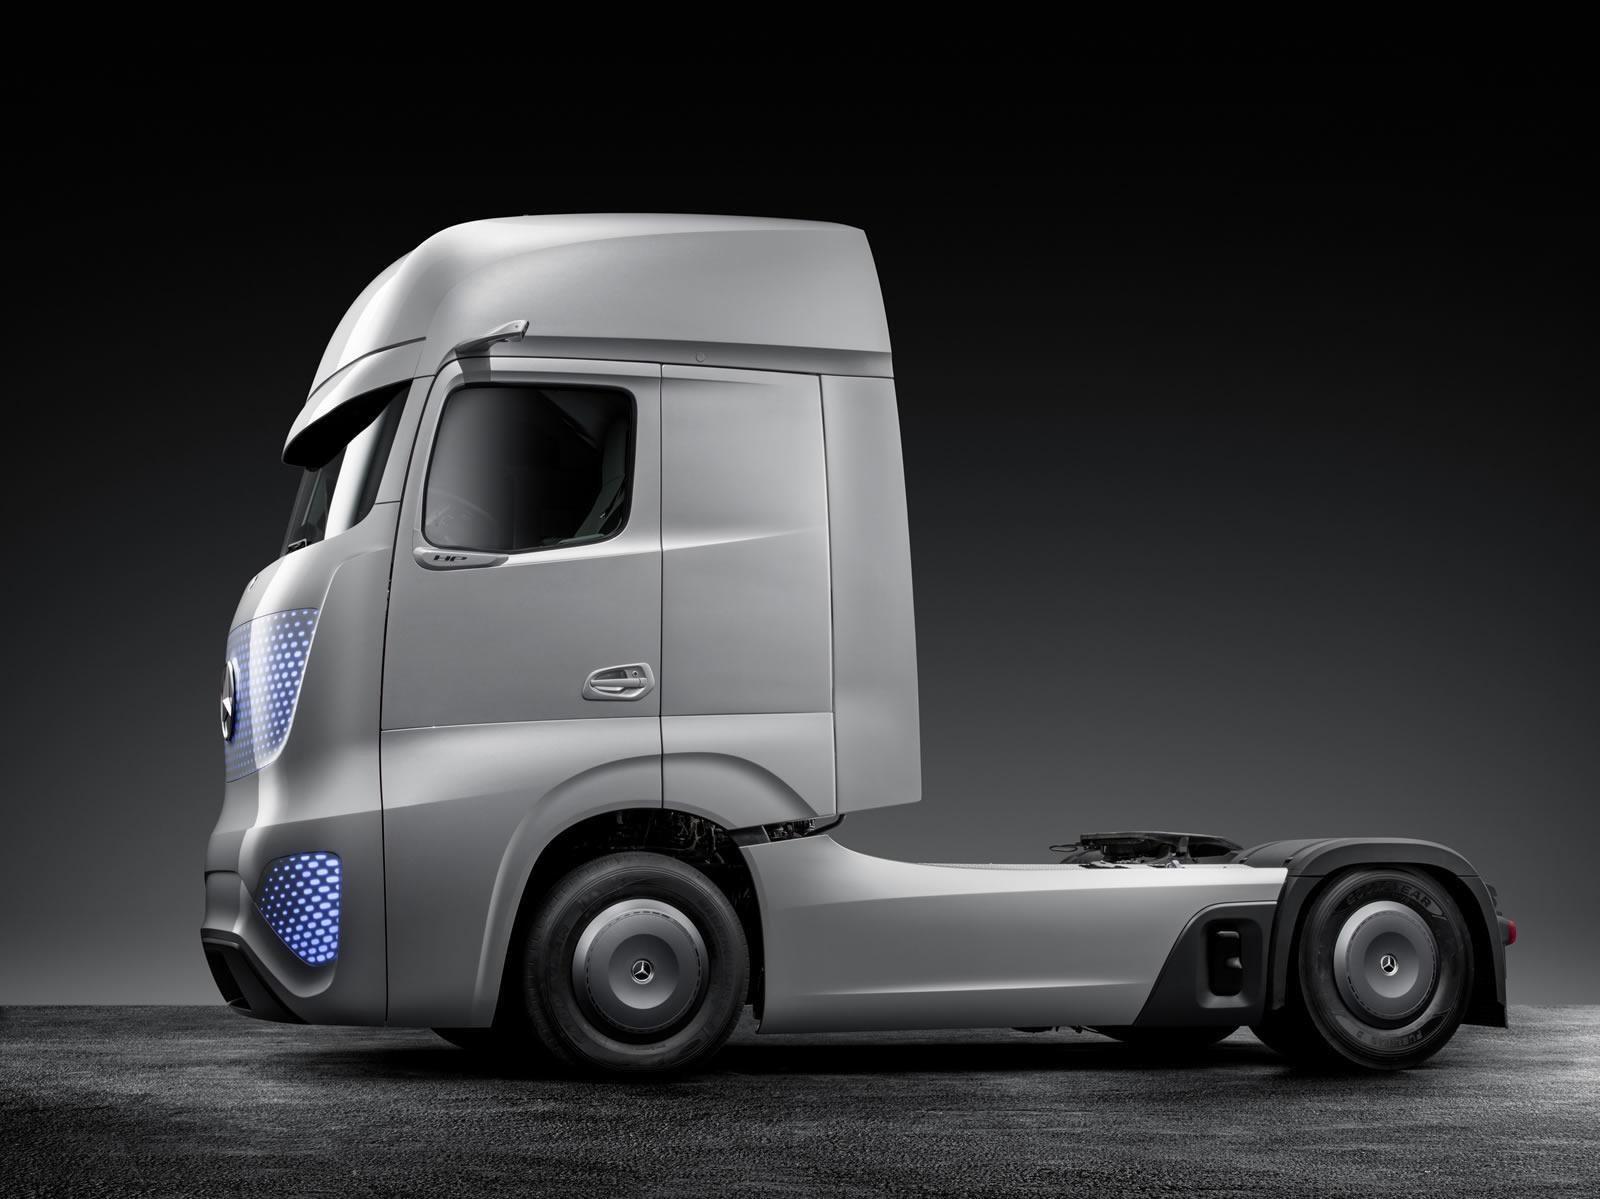 大货车自主驾驶 奔驰future truck 2025高清图片